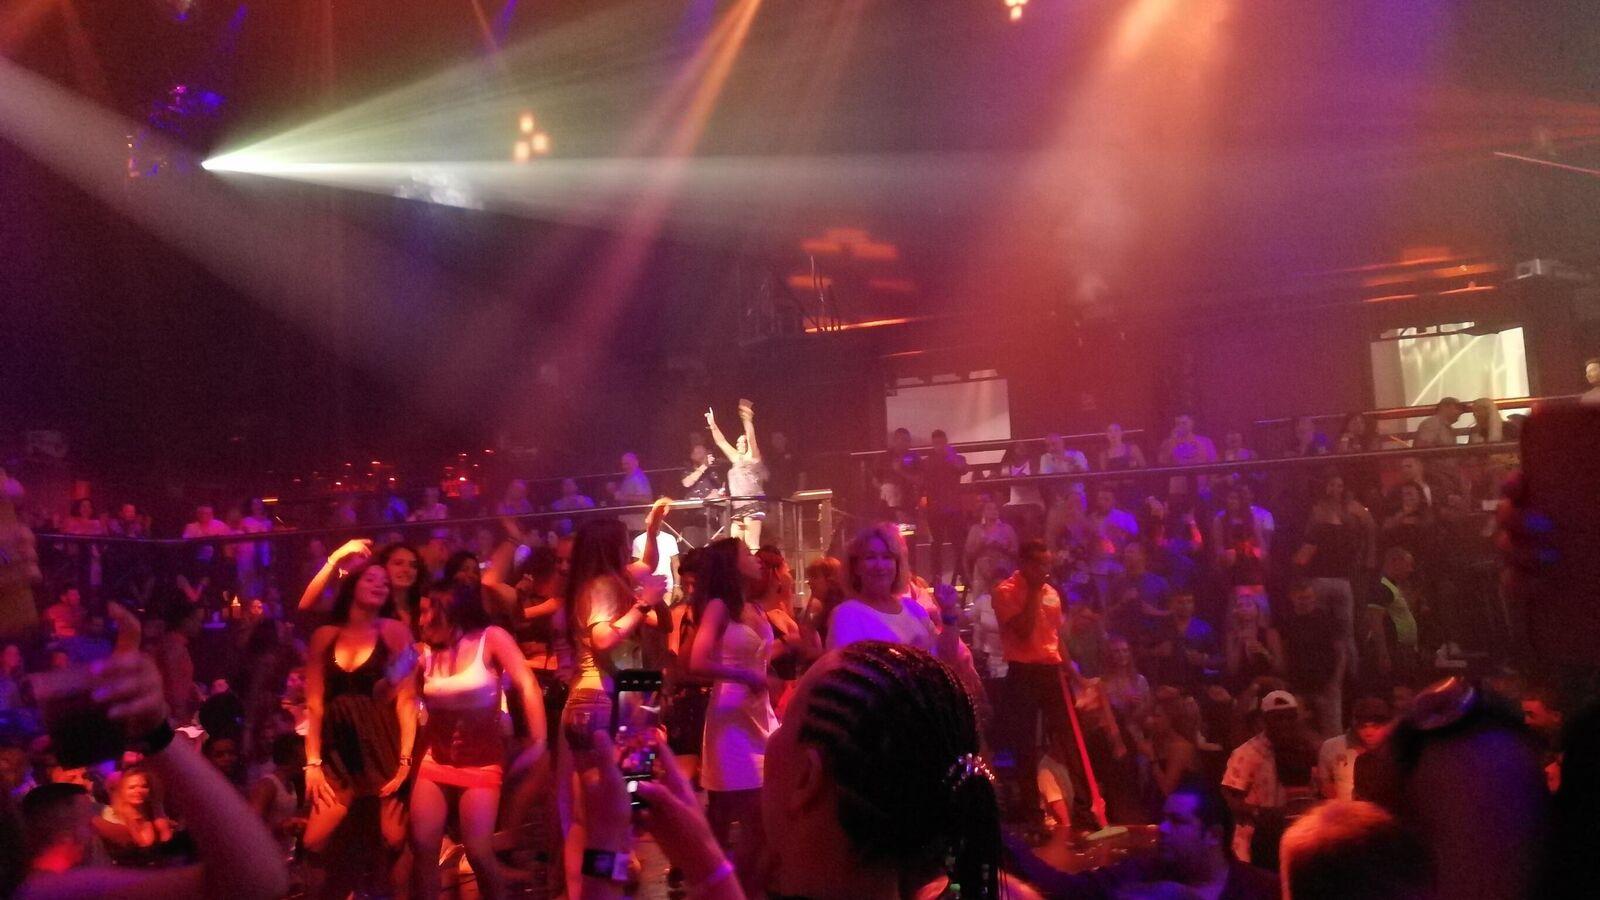 Ночные клубы в москве красная шапочка женский туалет ночной клуб